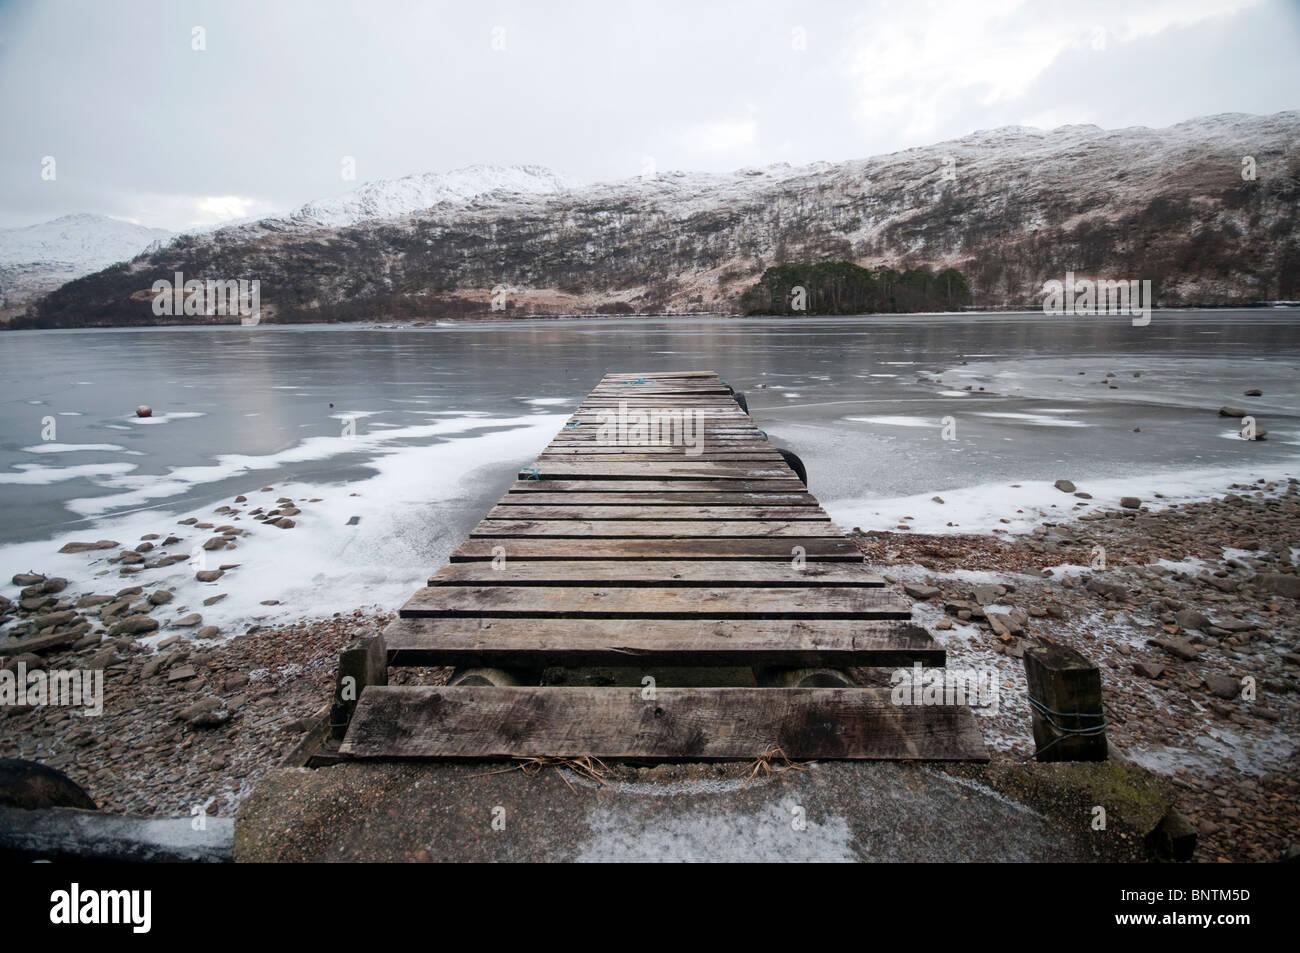 A frozen Jetty on a frozen Loch - Stock Image